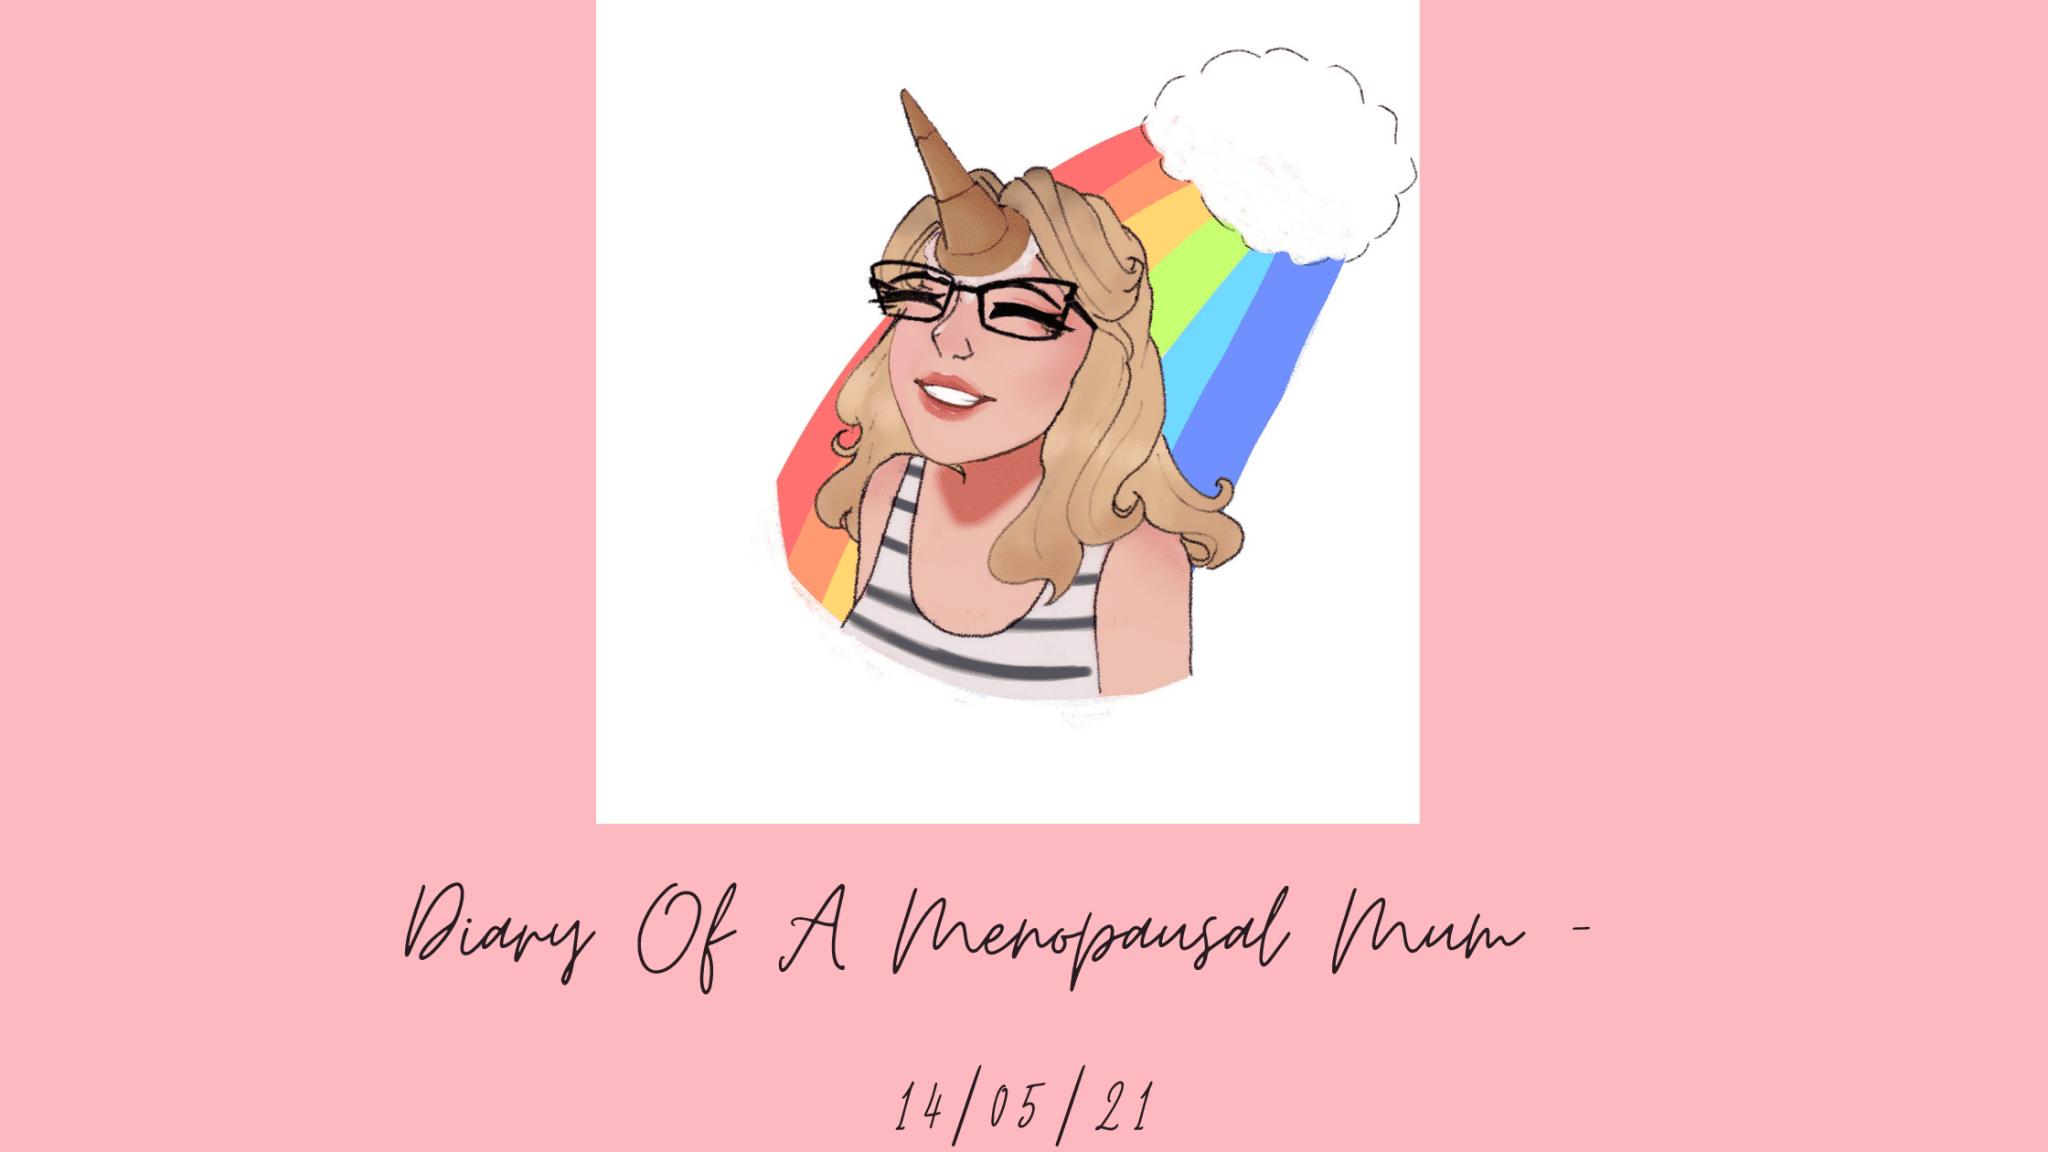 Diary of a menopausal mum - 14/05/2021